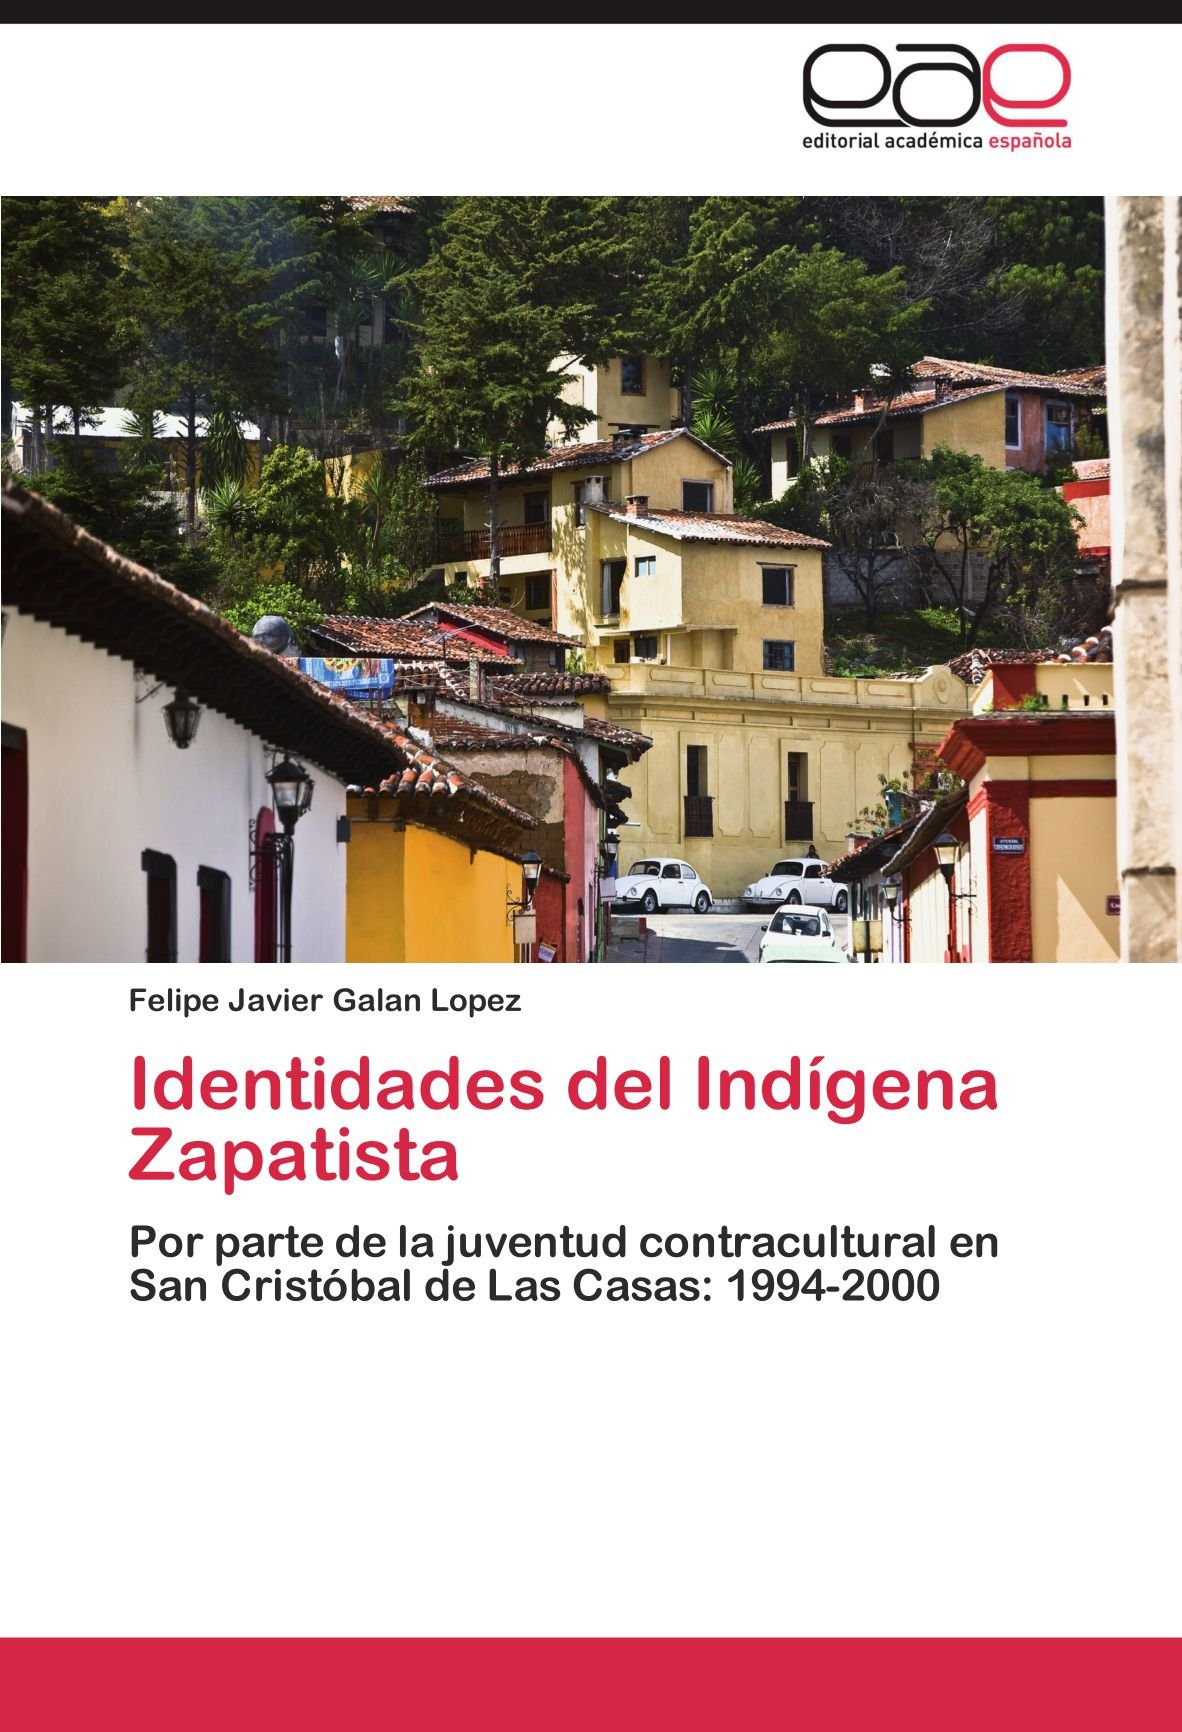 Identidades del Indígena Zapatista: Por parte de la juventud contracultural en San Cristóbal de Las Casas: 1994-2000 (Spanish Edition): Felipe Javier Galan ...